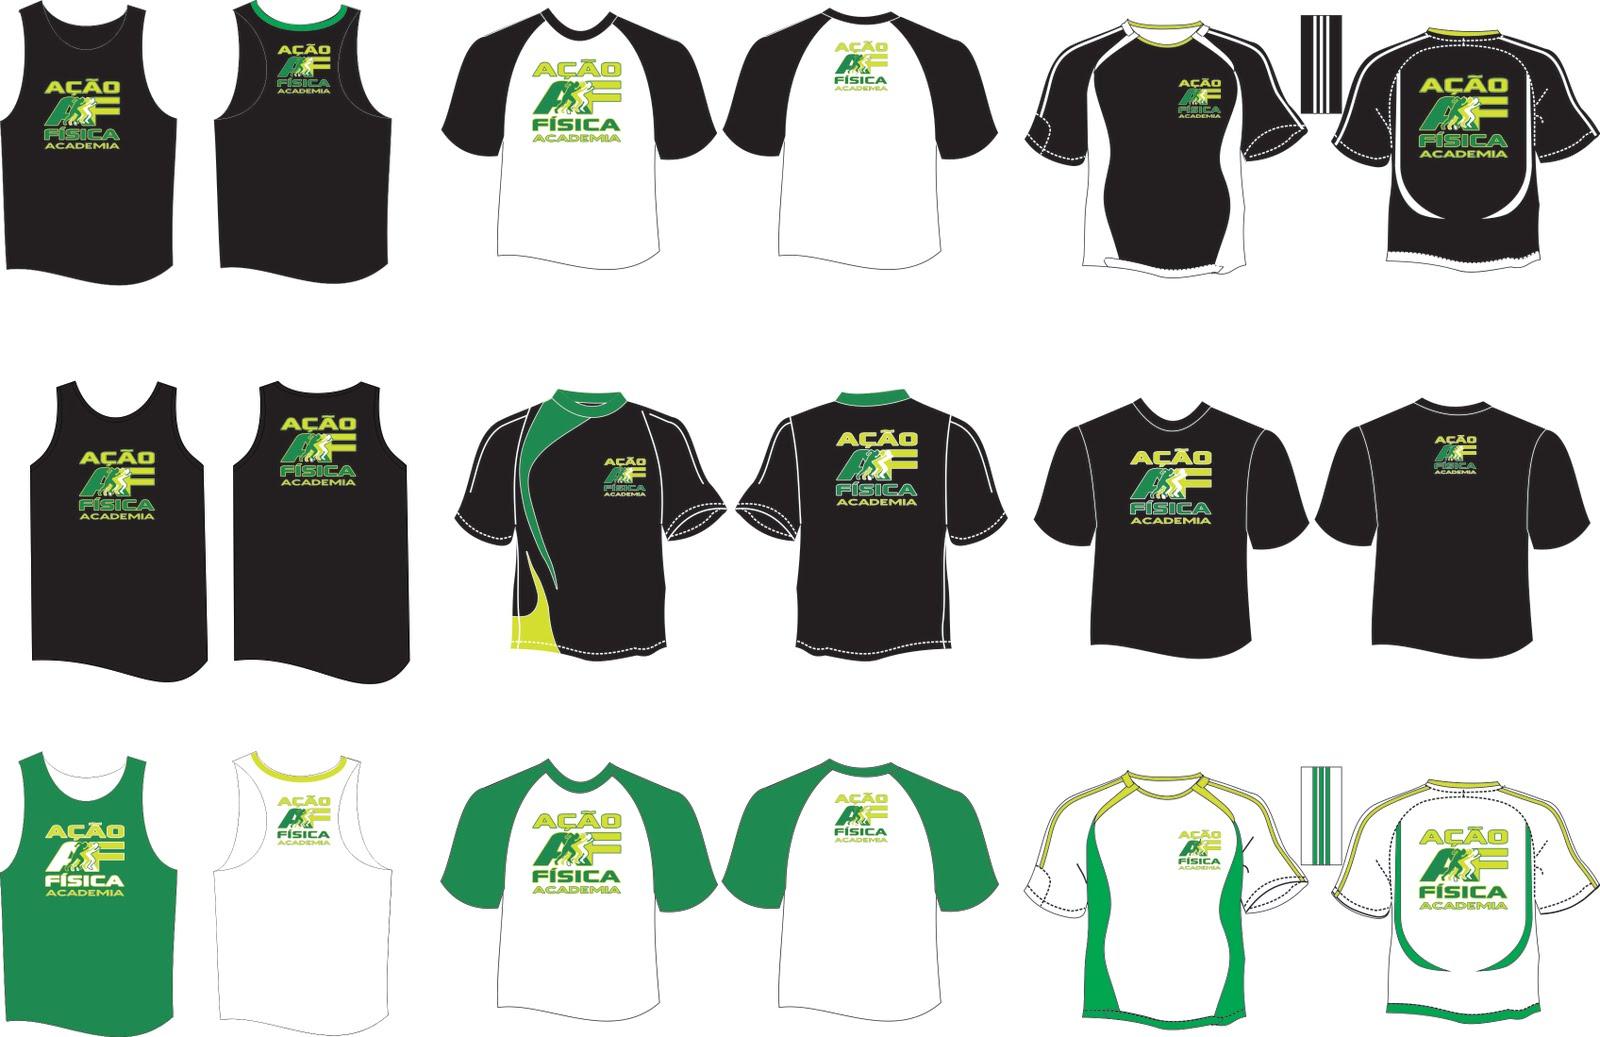 e8c1a0561 Camisetas Dry-fIT Academia Ação Física